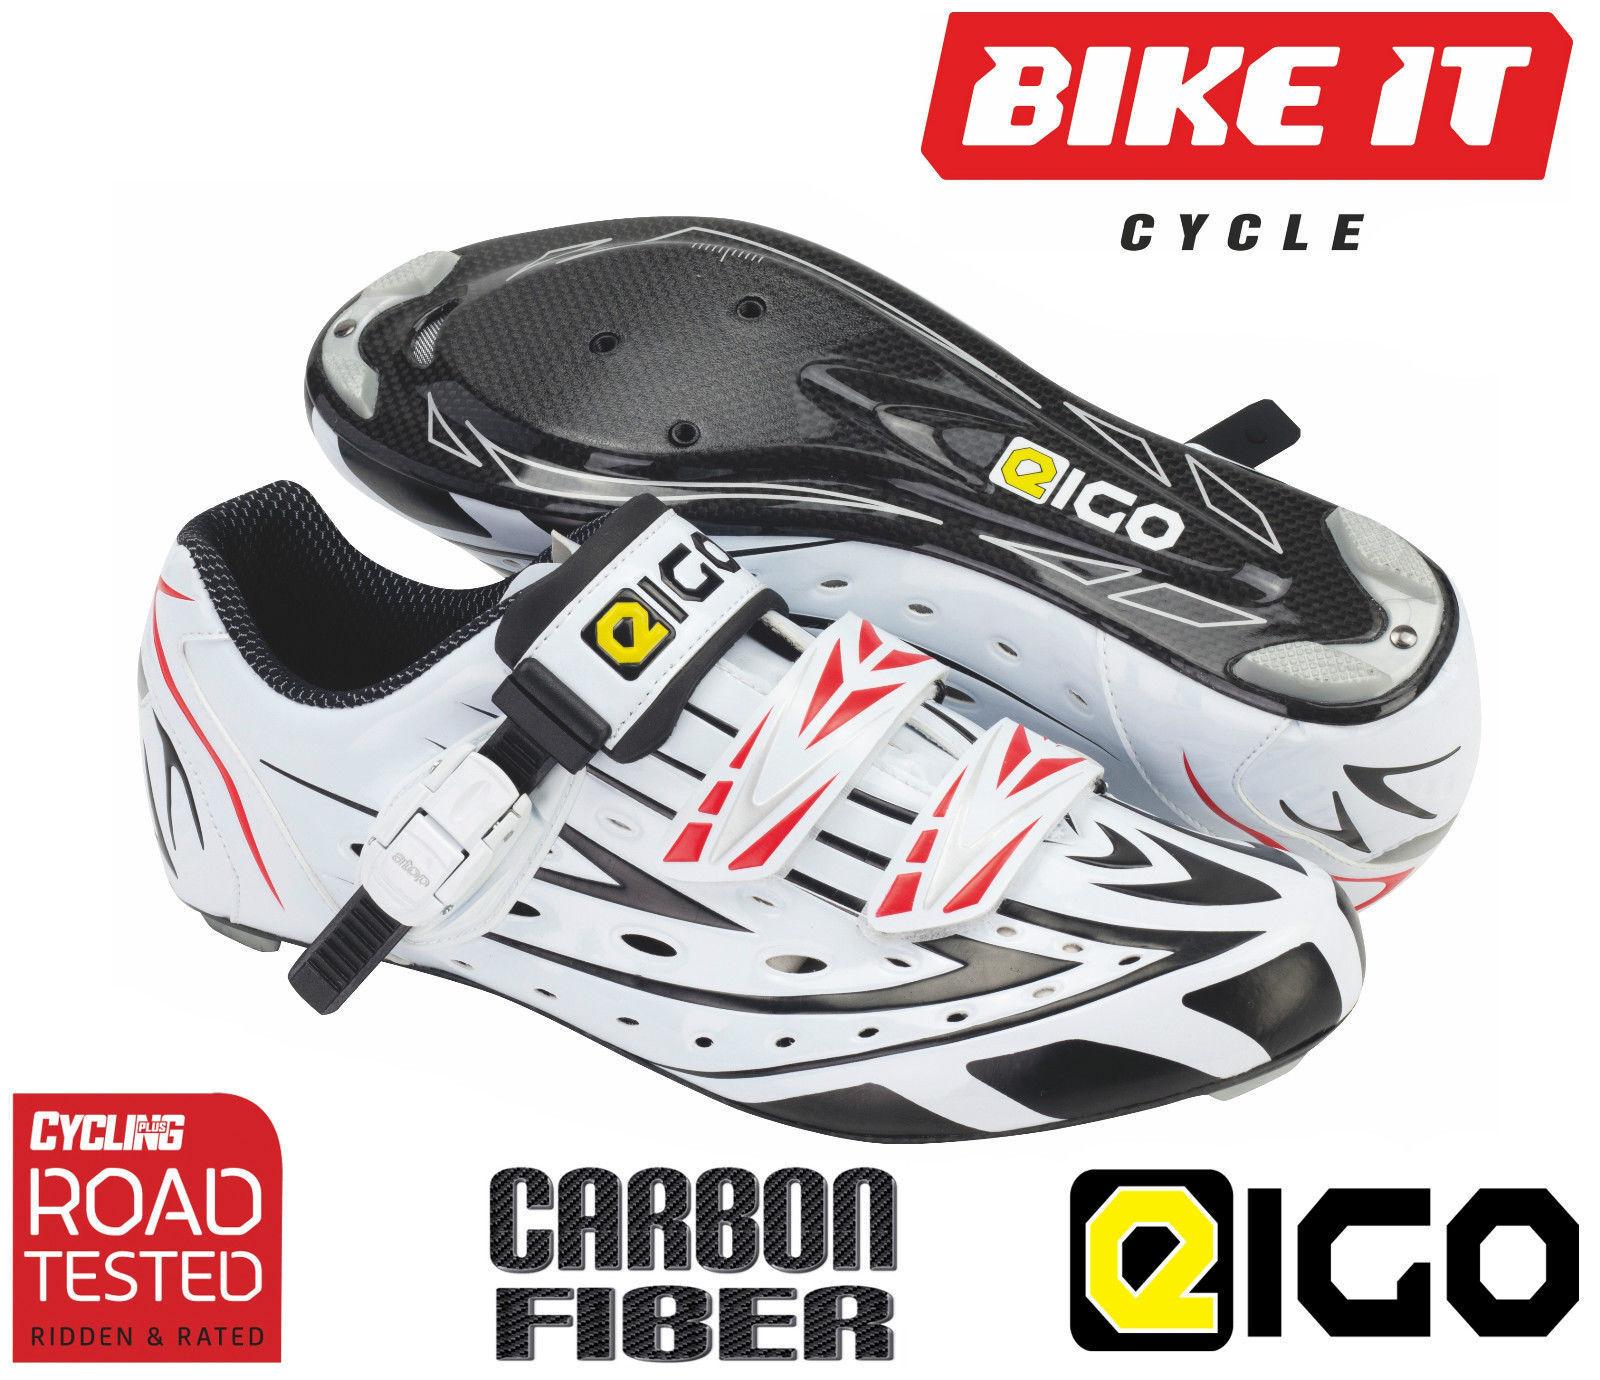 Eigo Sigma CARBON SCARPE CICLISMOStrada Bicicletta da Corsa Triathlon ciclo di concorrenza